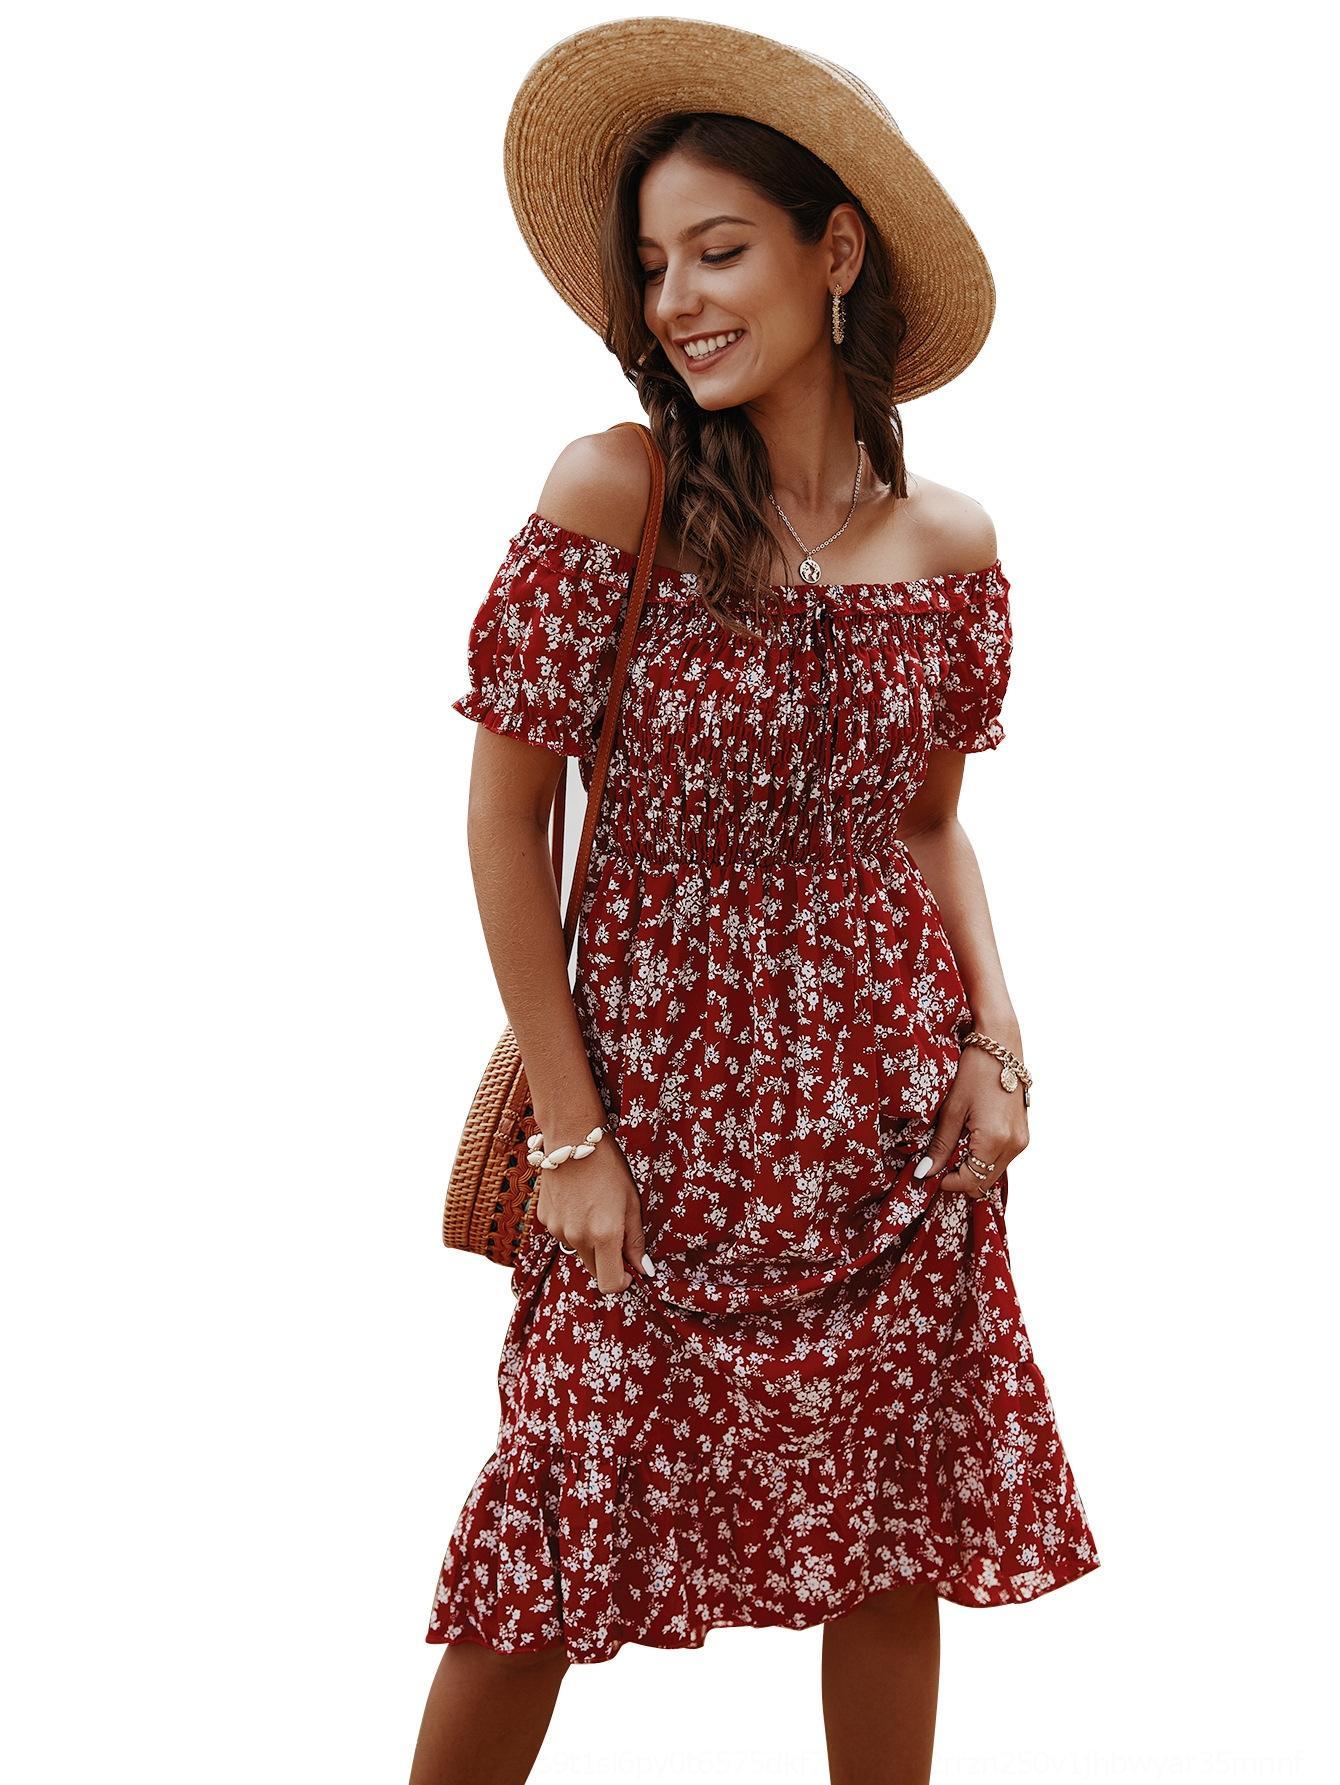 das Yym6g 2NwE5 Design Mulheres impresso 2020 impressos Bohemian Prod Produto Design das mulheres primavera / verão 2020 Primavera / Verão Bohemian vestido vestido Ne